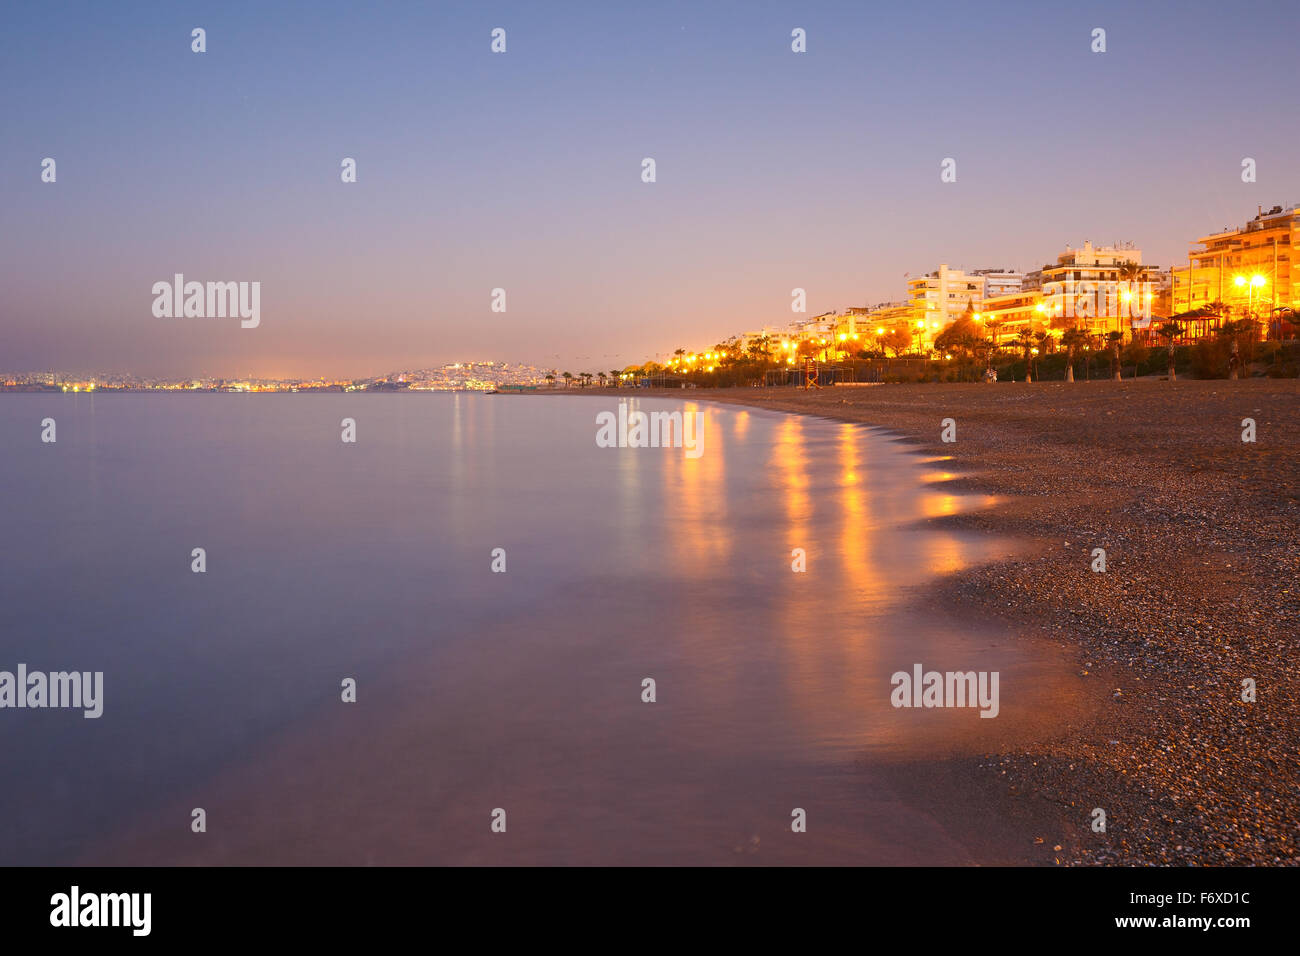 Spiaggia a Palaio Faliro e il lungomare di Atene in Grecia. Immagini Stock